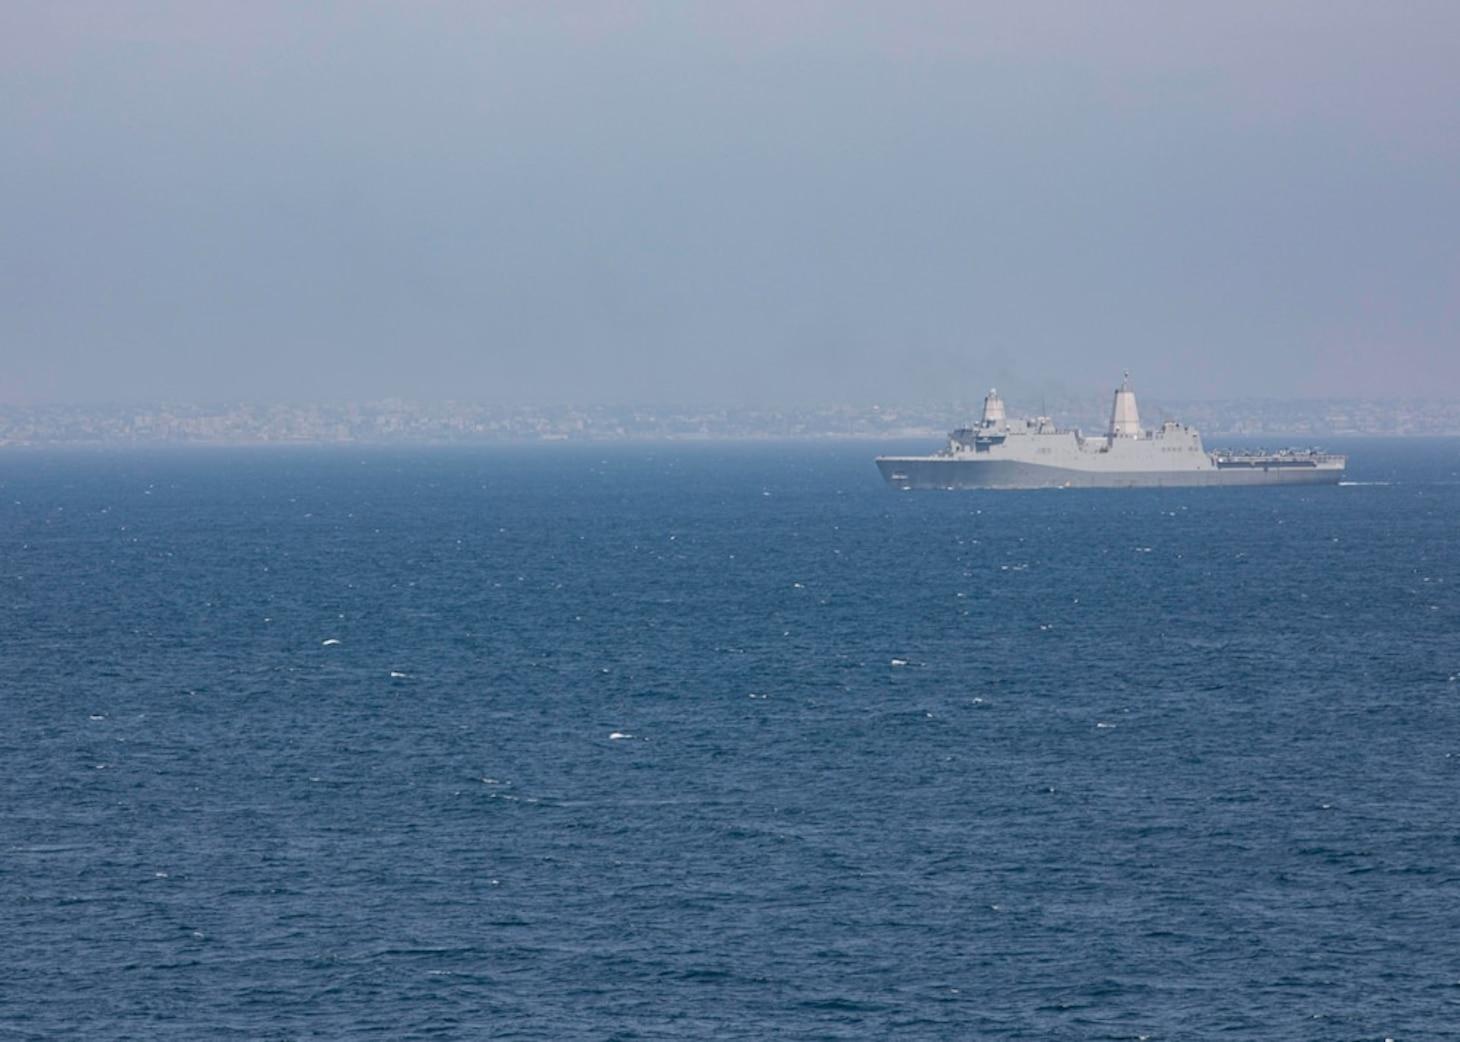 USS Makin Island (LHD 8)